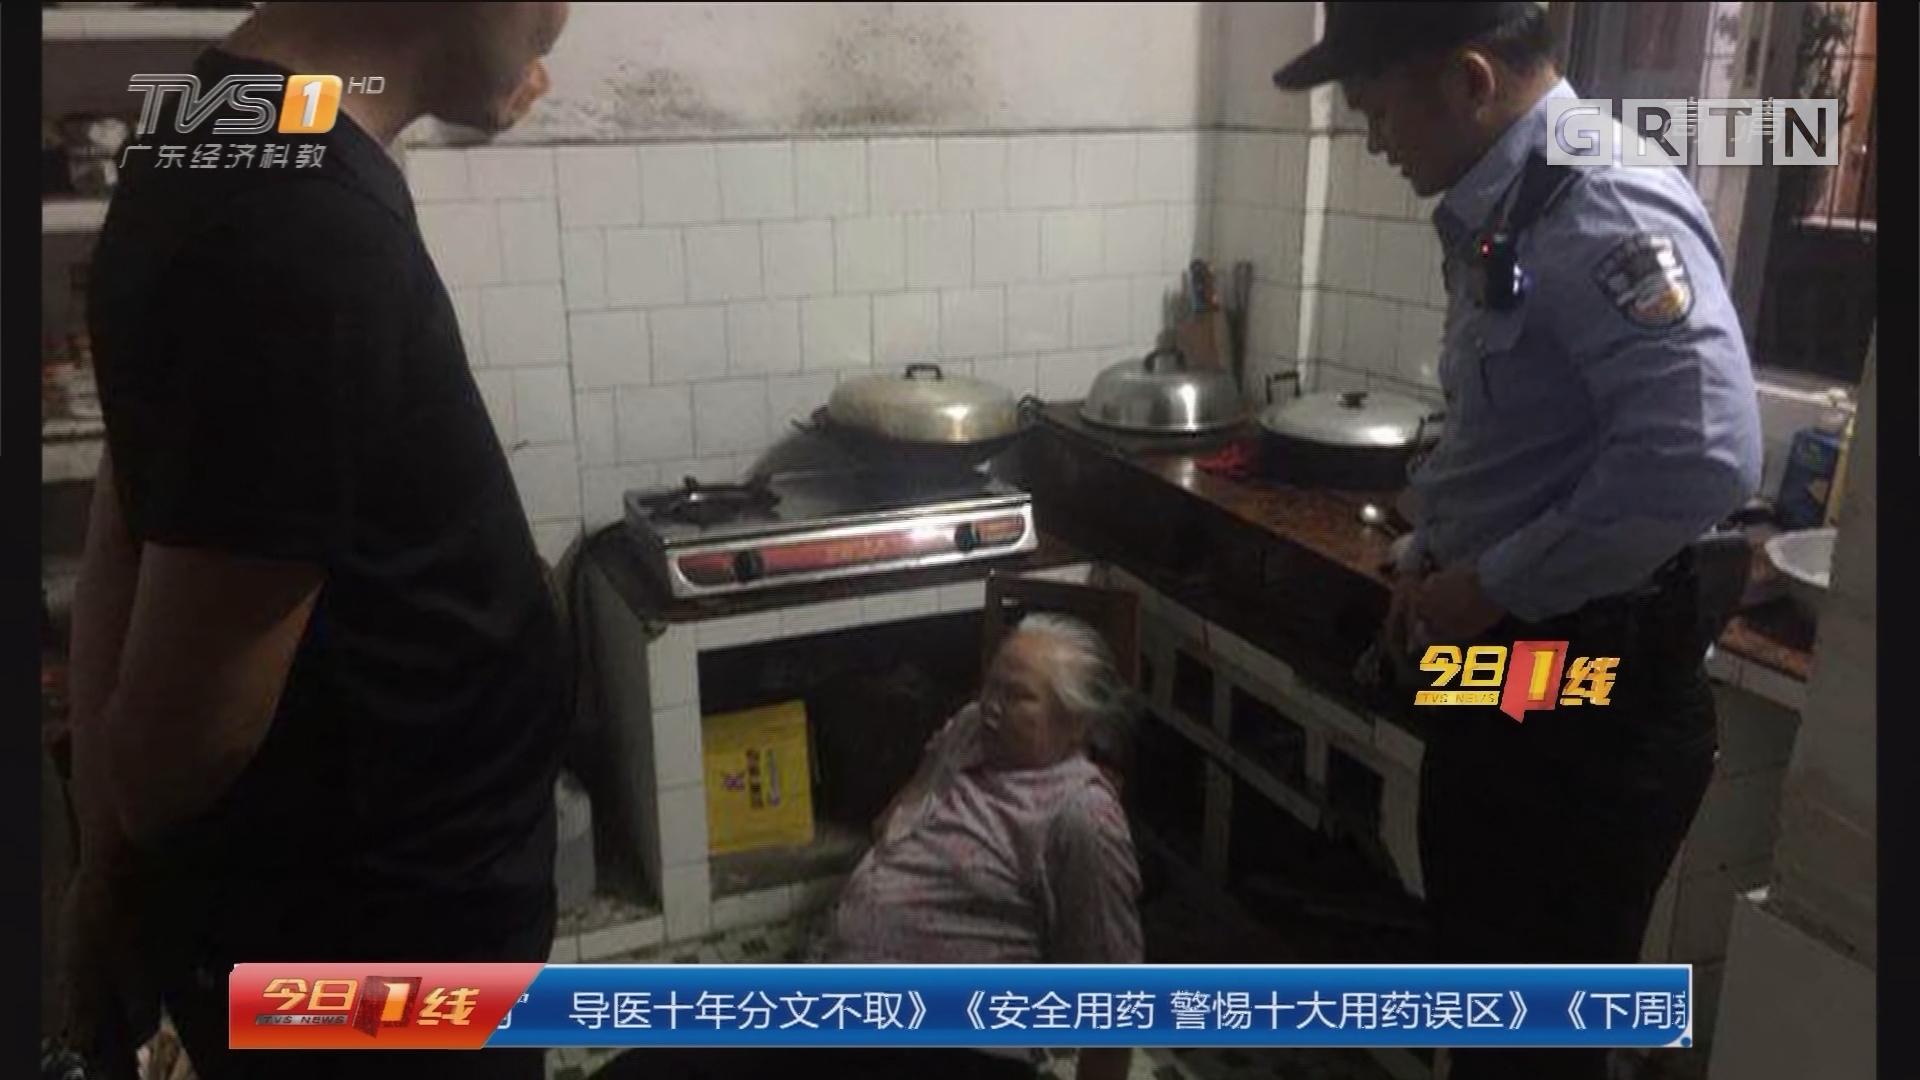 肇庆四会:老人家中摔倒 民警四楼翻爬入屋救人